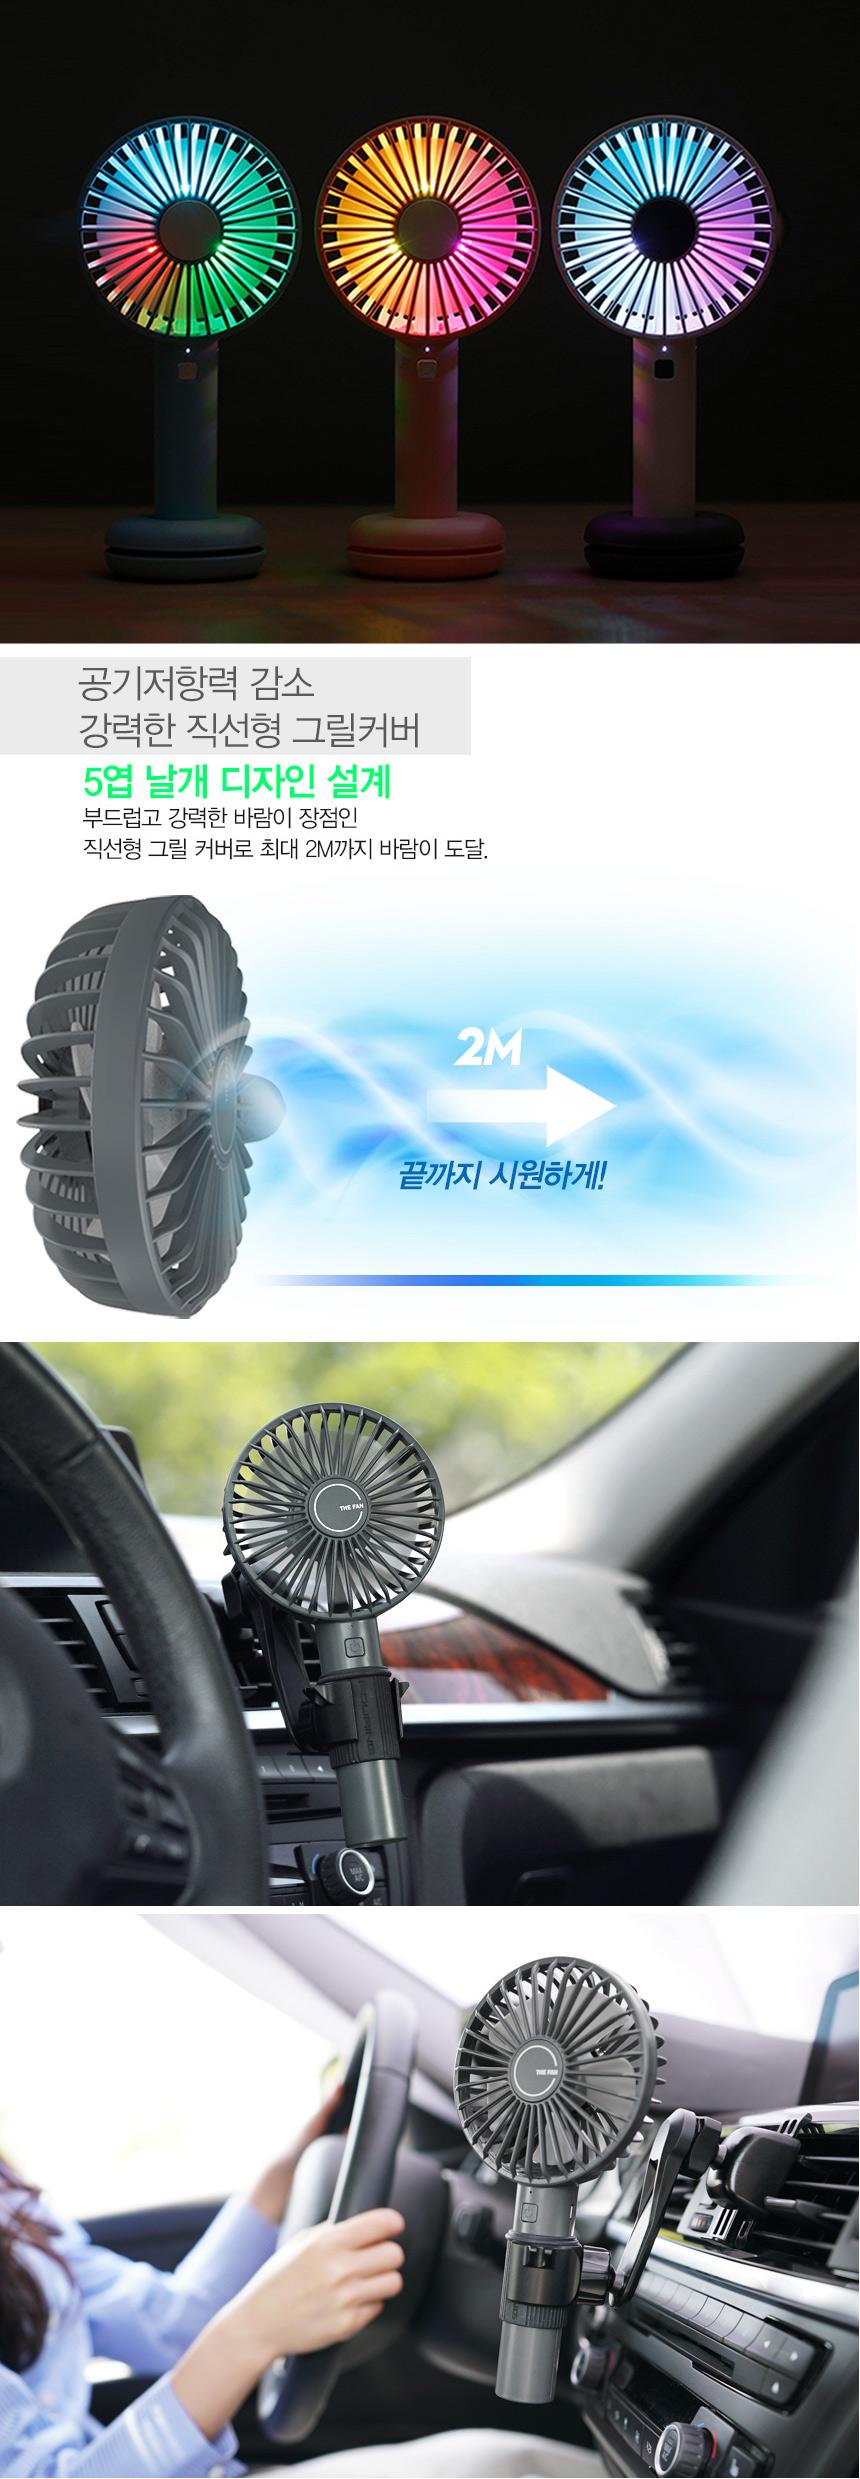 THE FAN plus 차량용선풍기 송풍구형 손풍기 - 훠링, 33,000원, 자동차용품, 기타용품